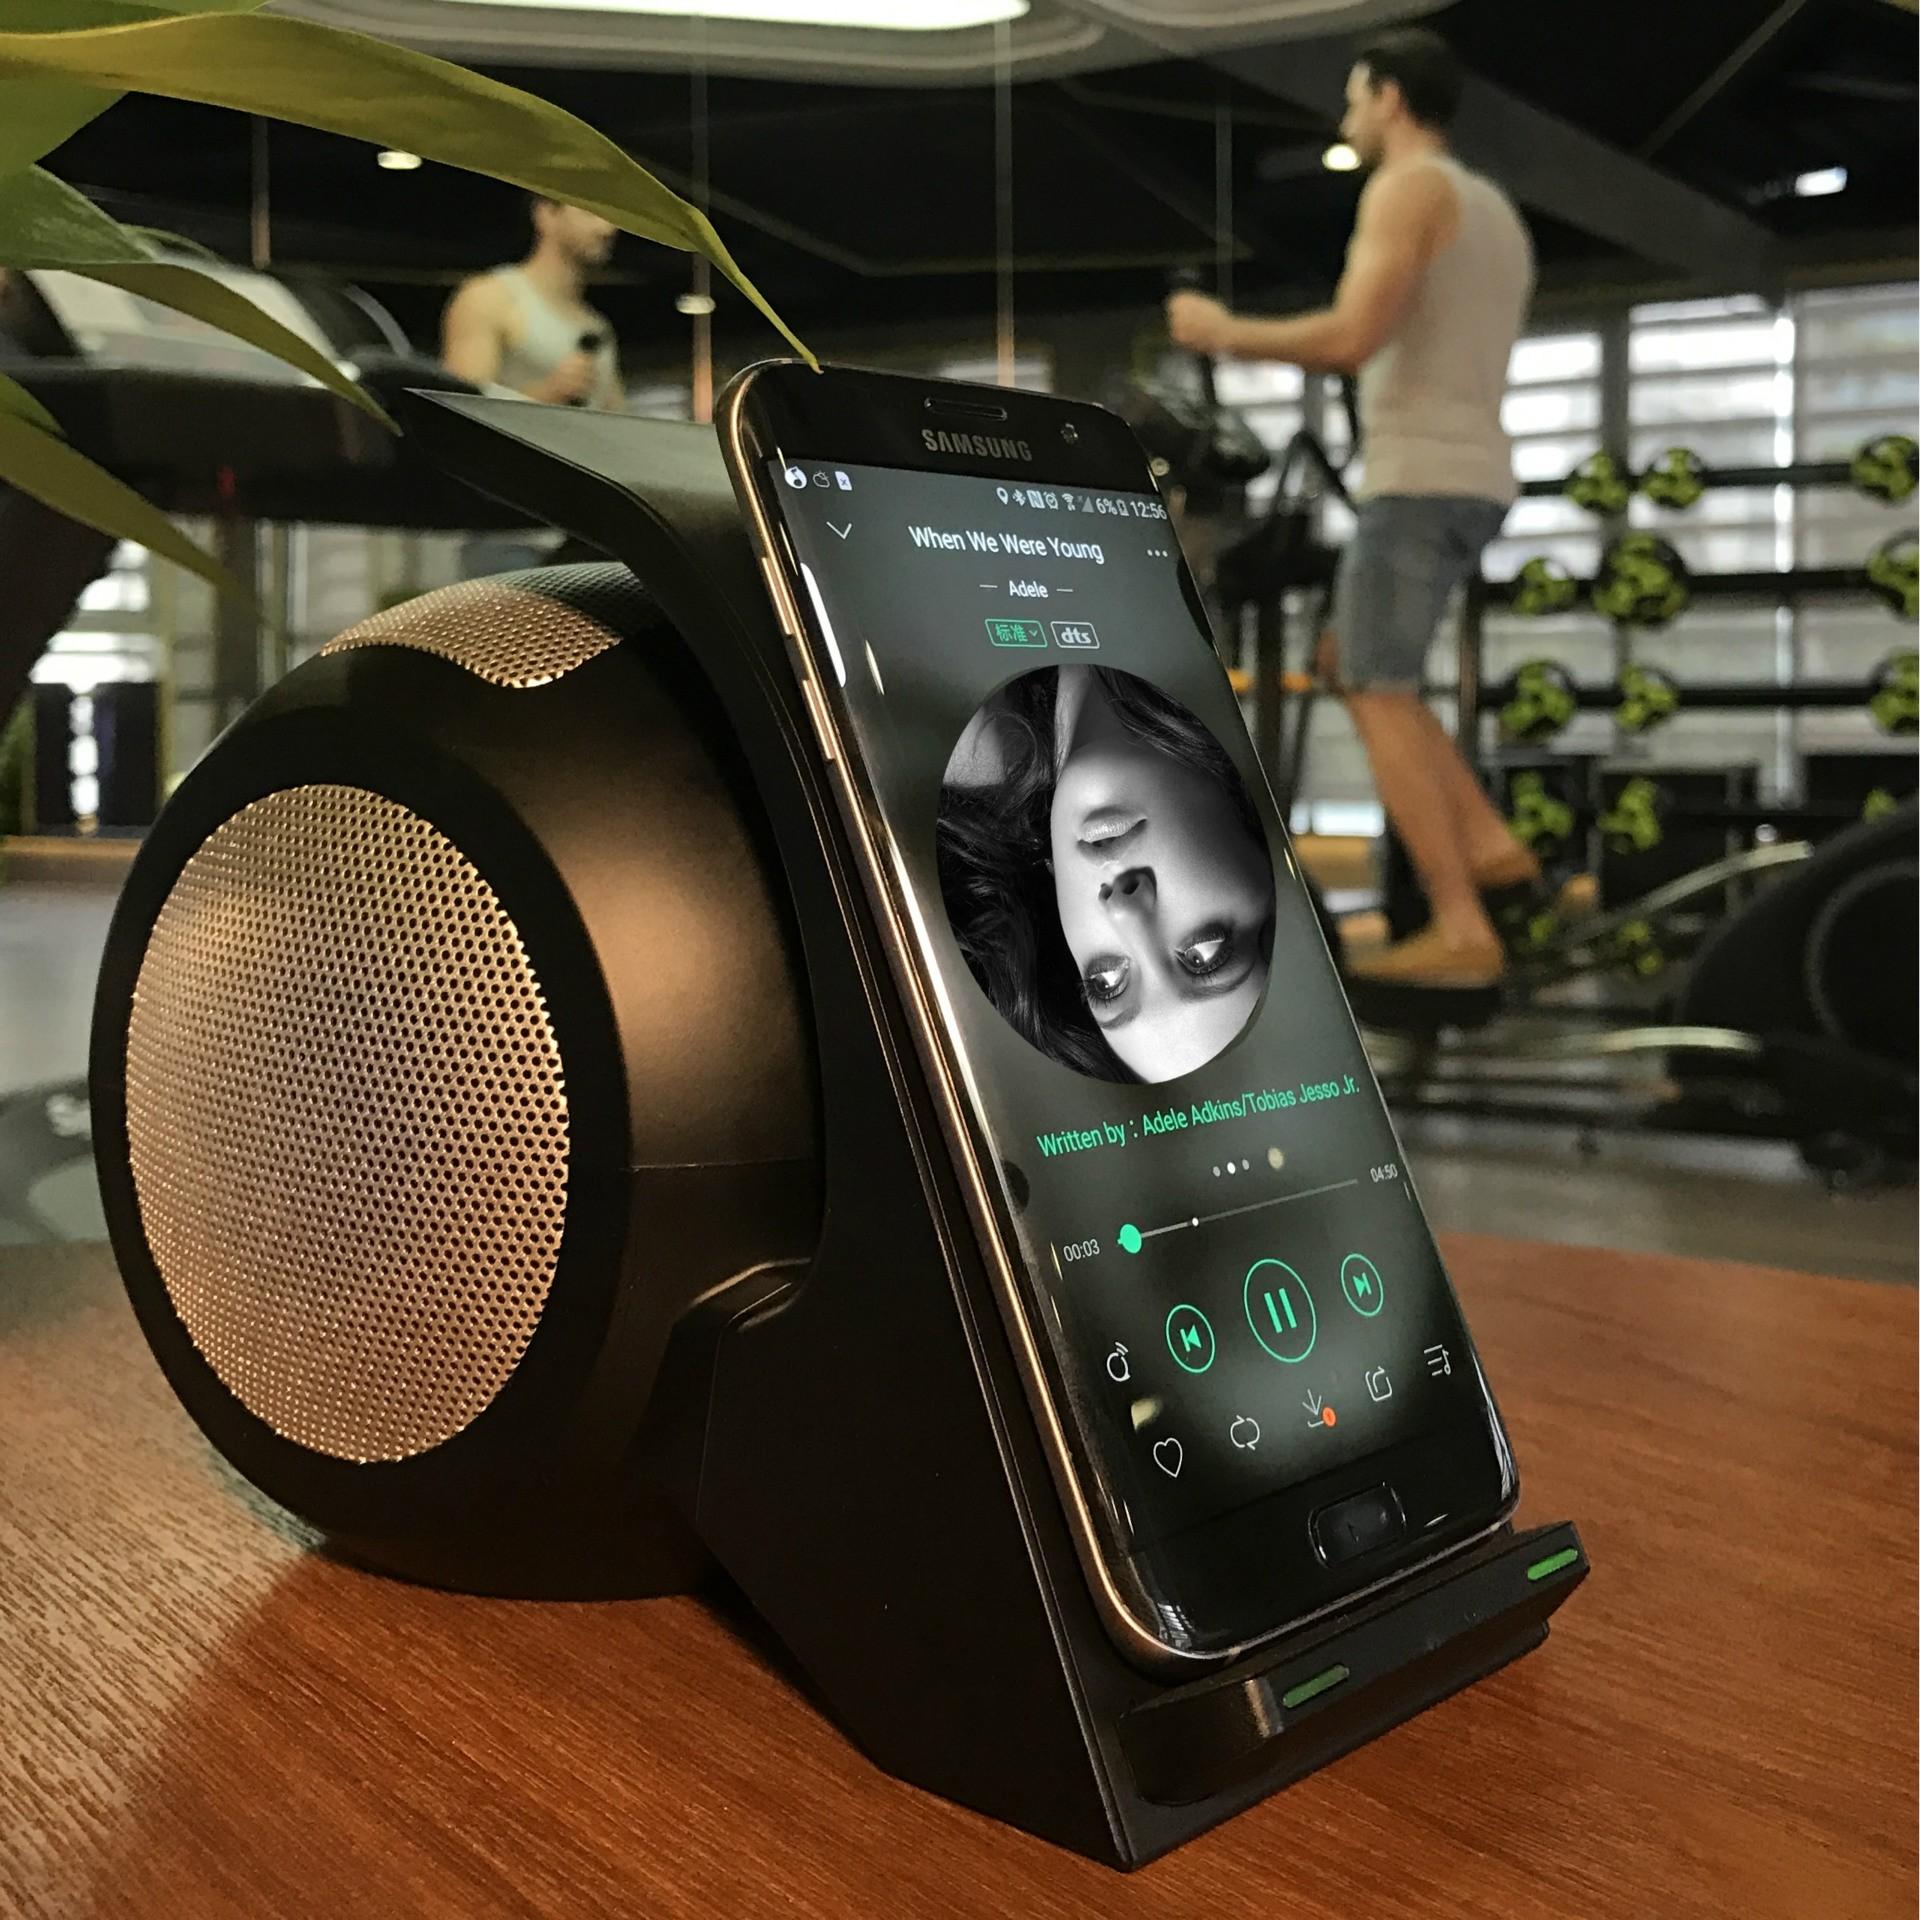 音响双线圈快充苹果三星S8 SMAMAO/数码猫 多功能智能产品 ABS